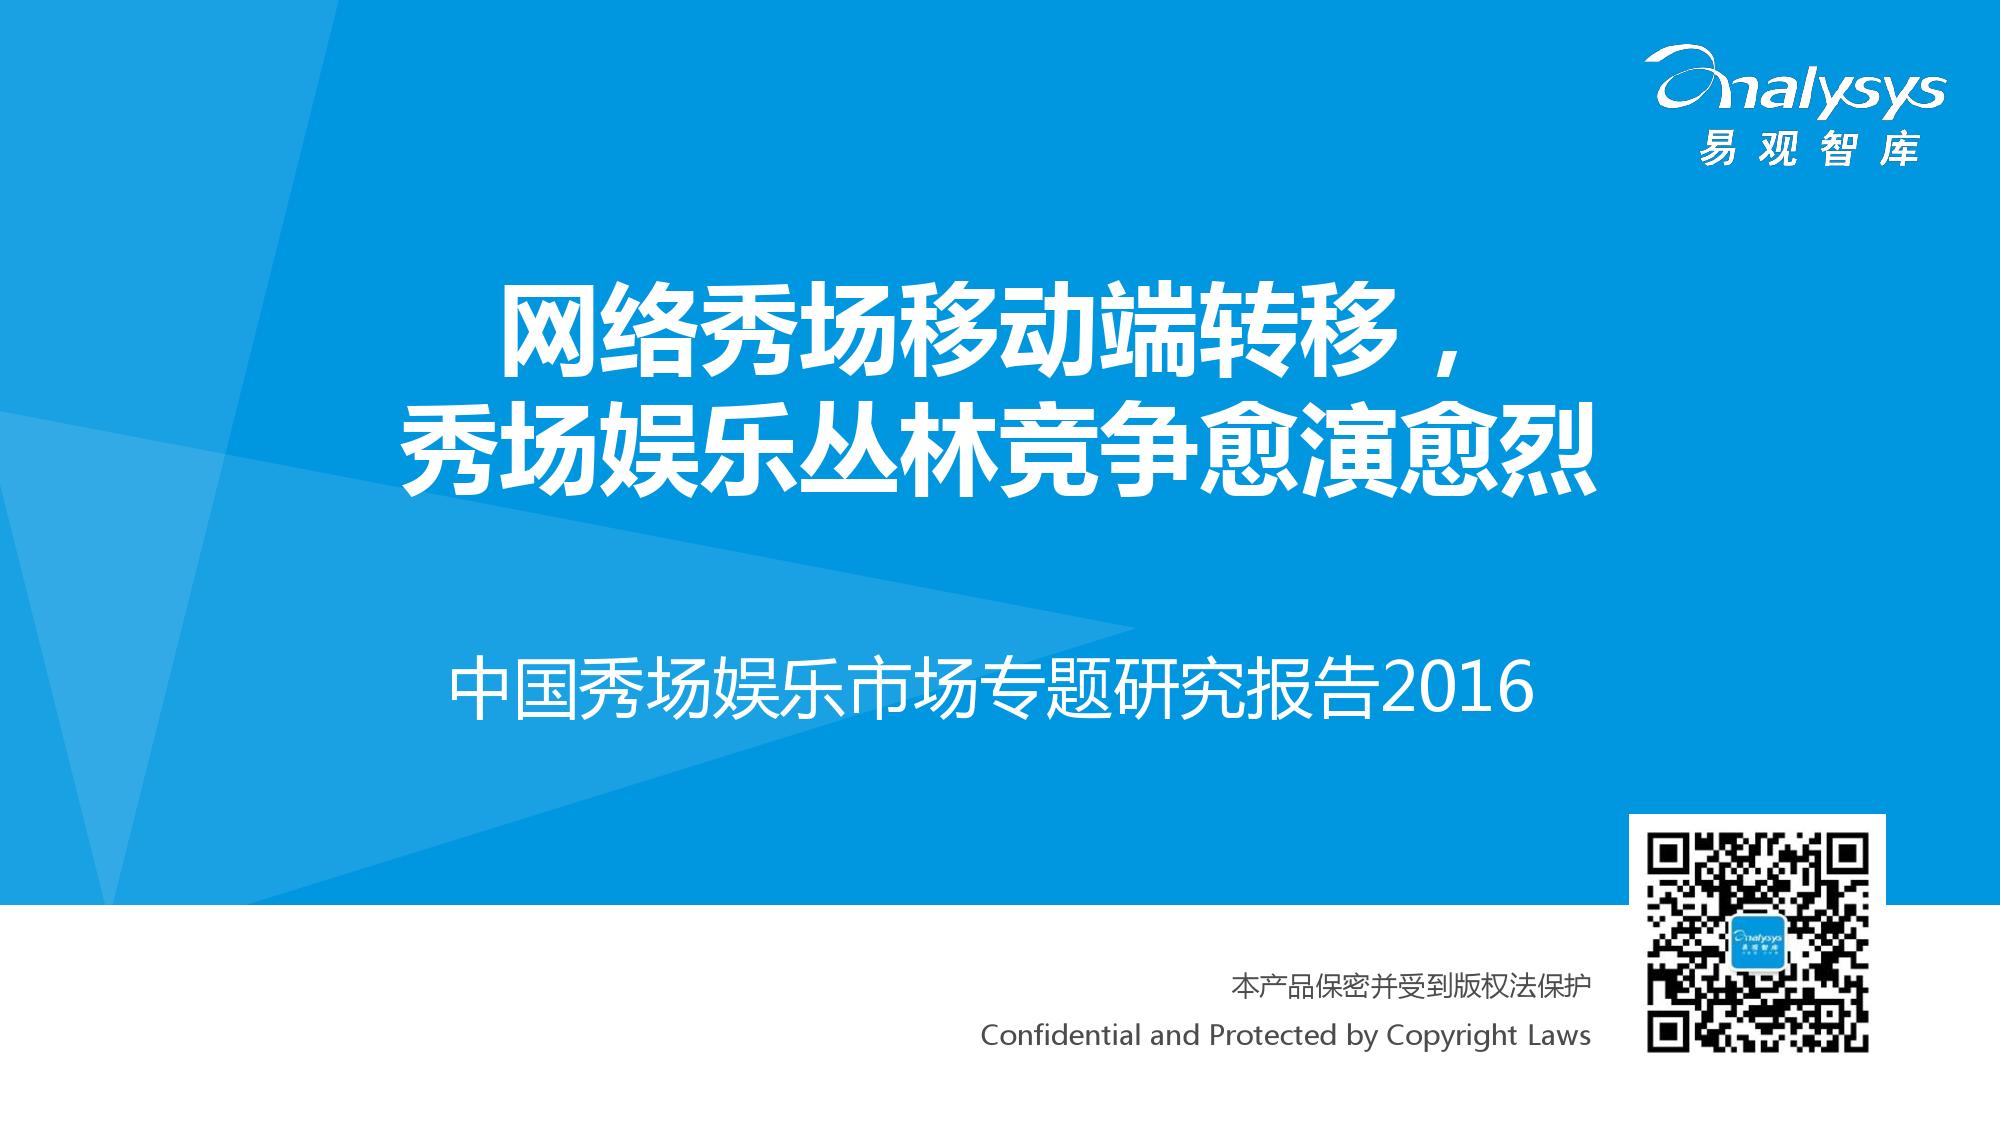 中国秀场娱乐市场专题研究报告2016_000001